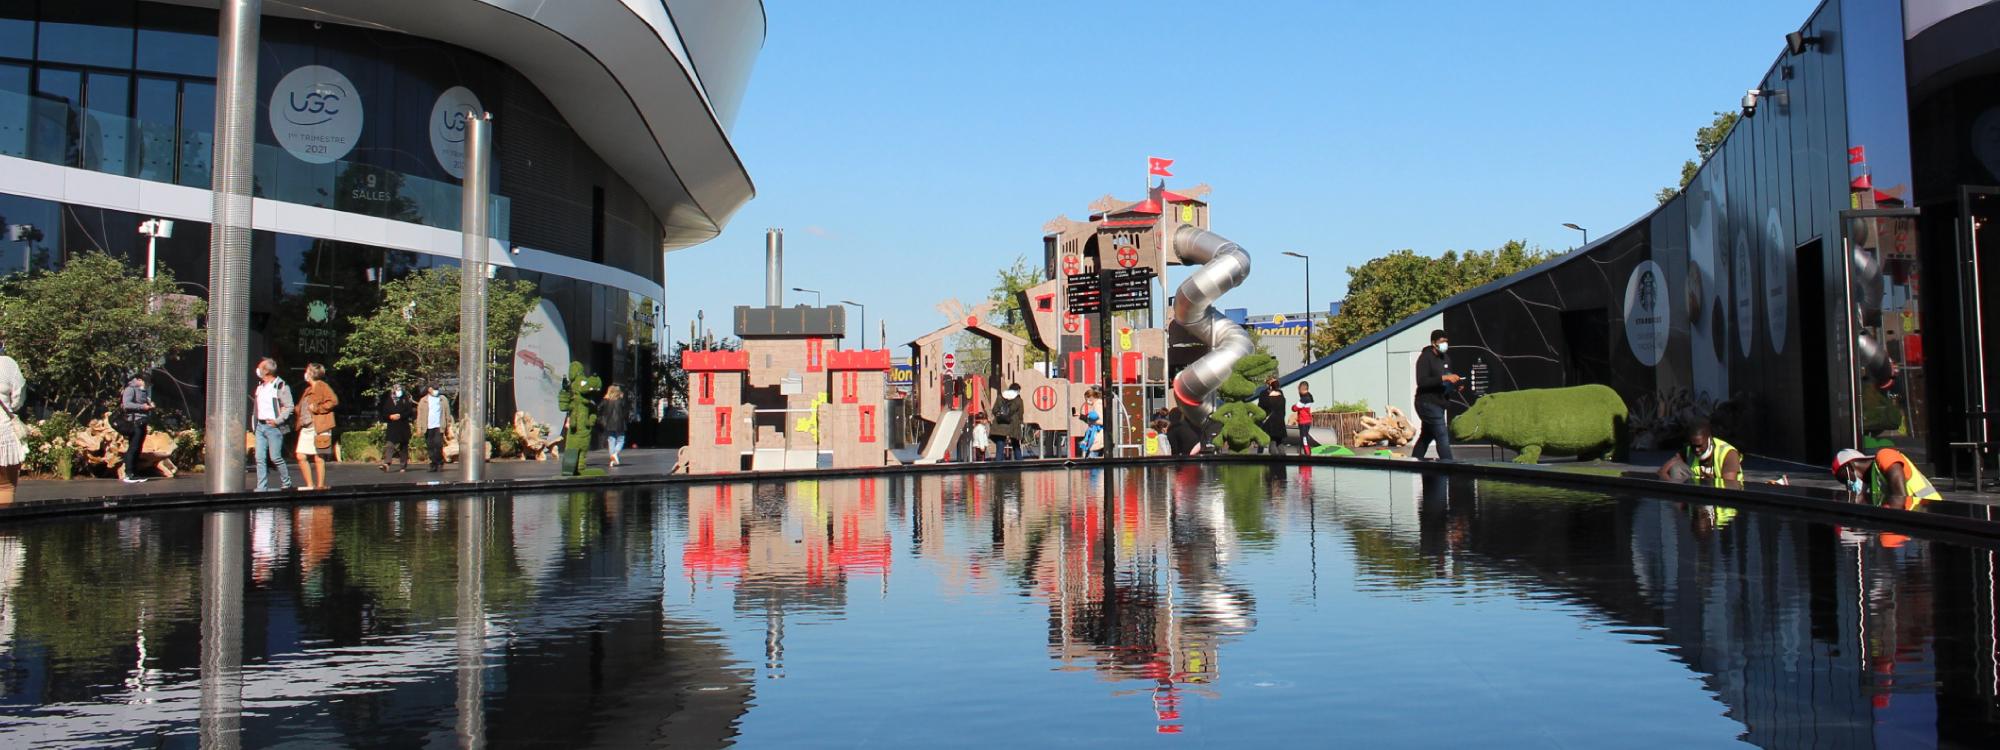 tailor-made playground area